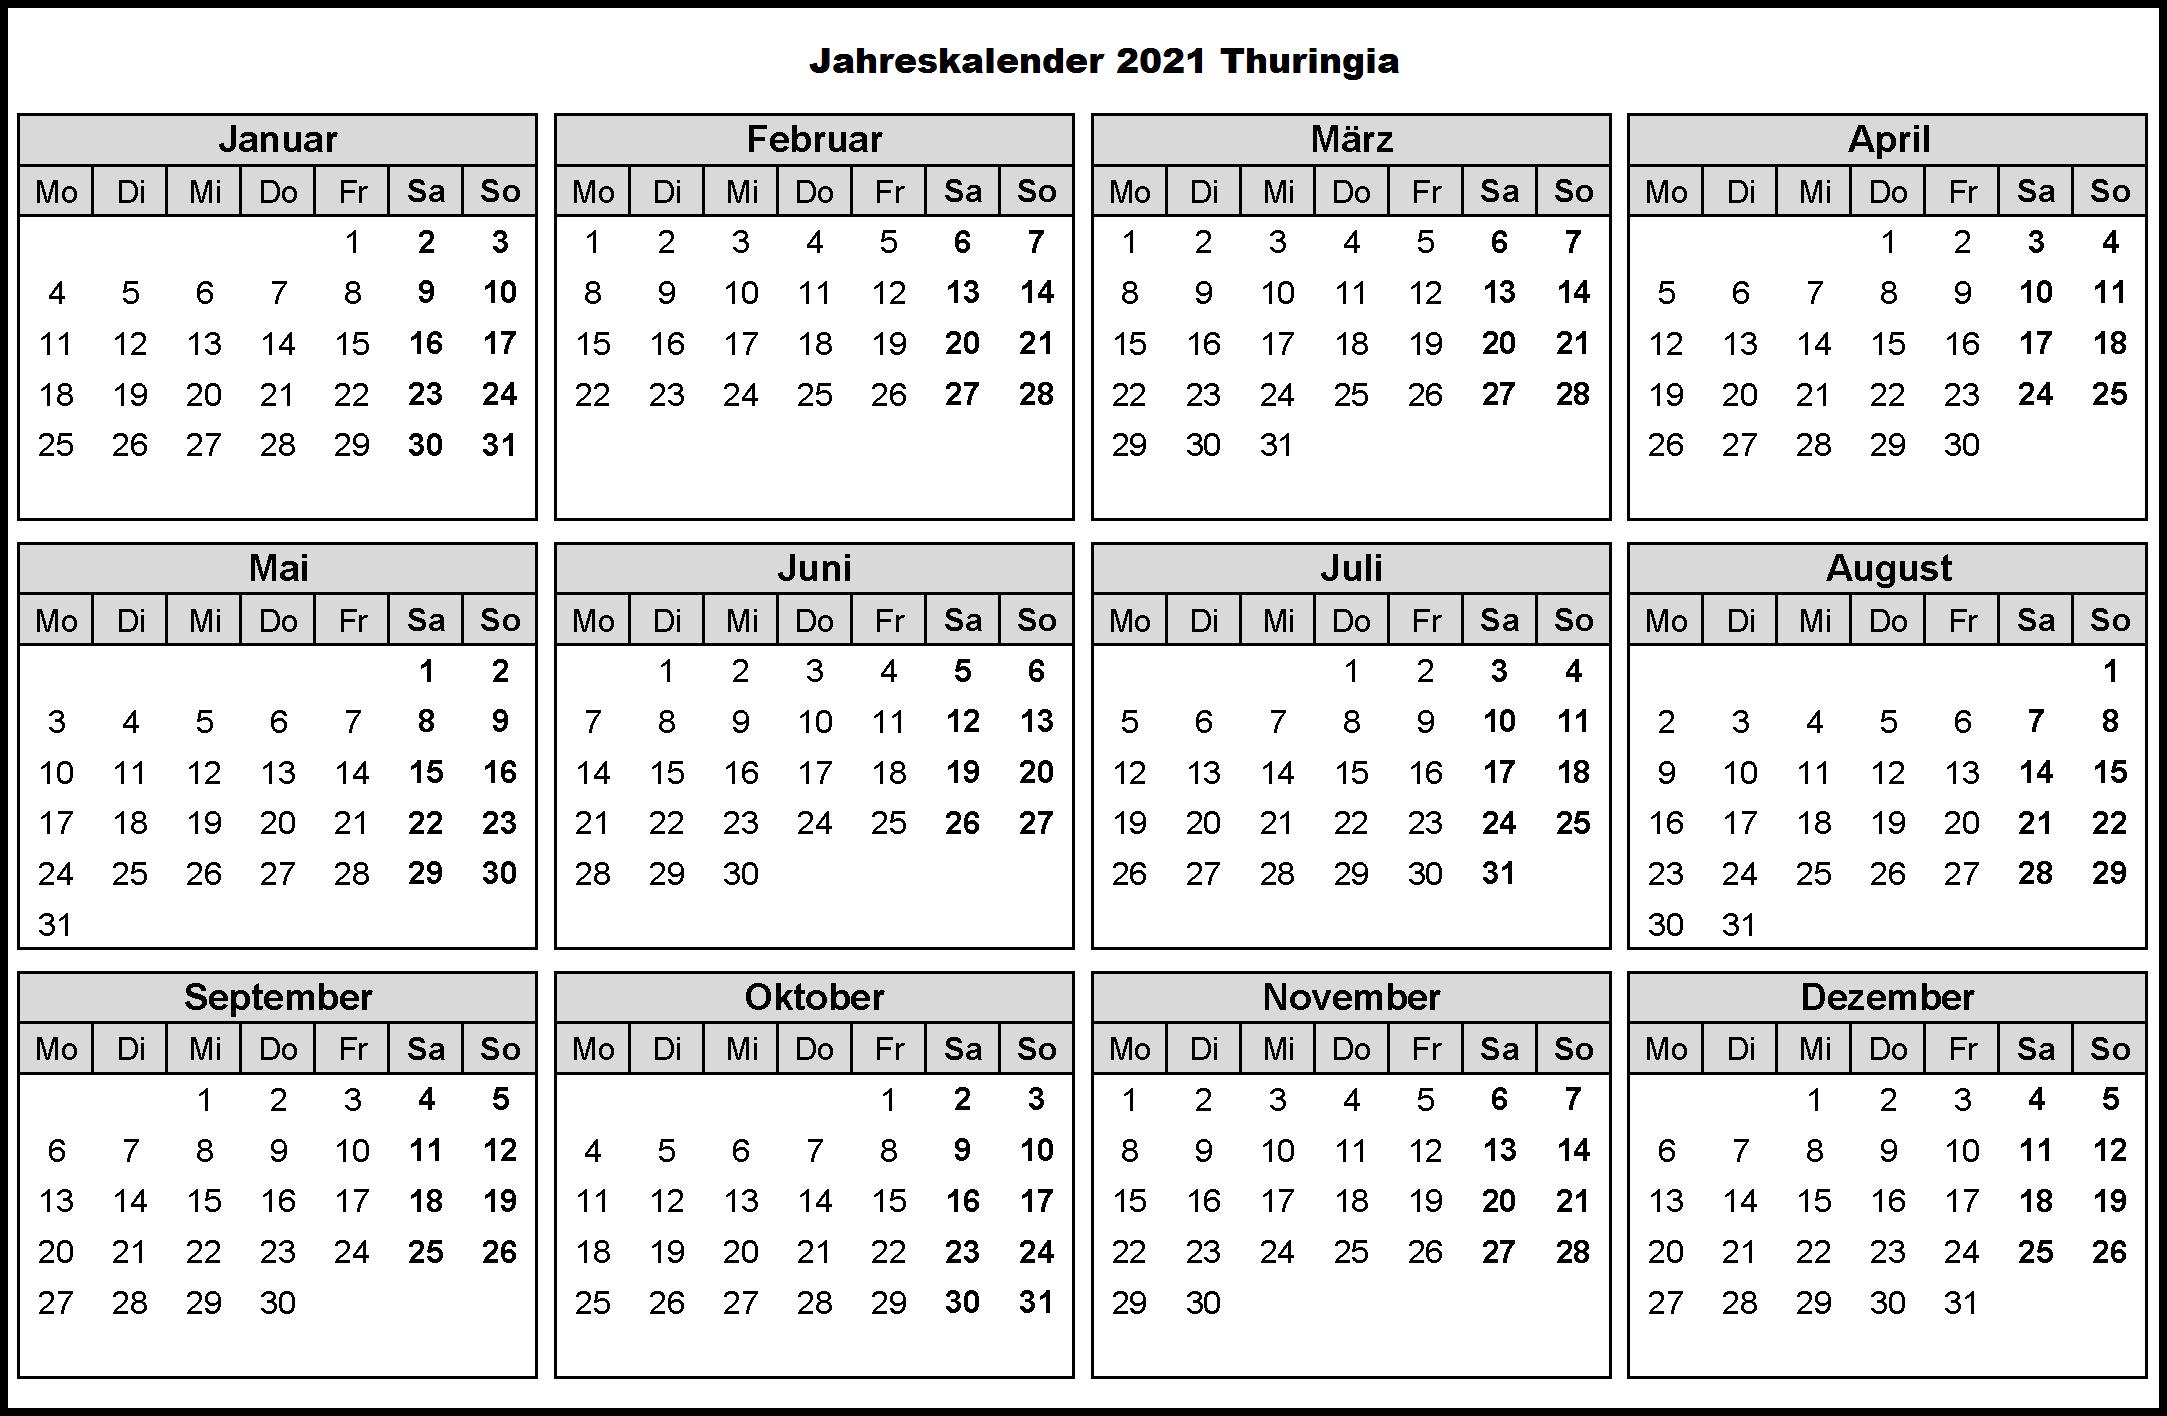 Jahreskalender 2021 Thuringia MitFerien und Feiertagen